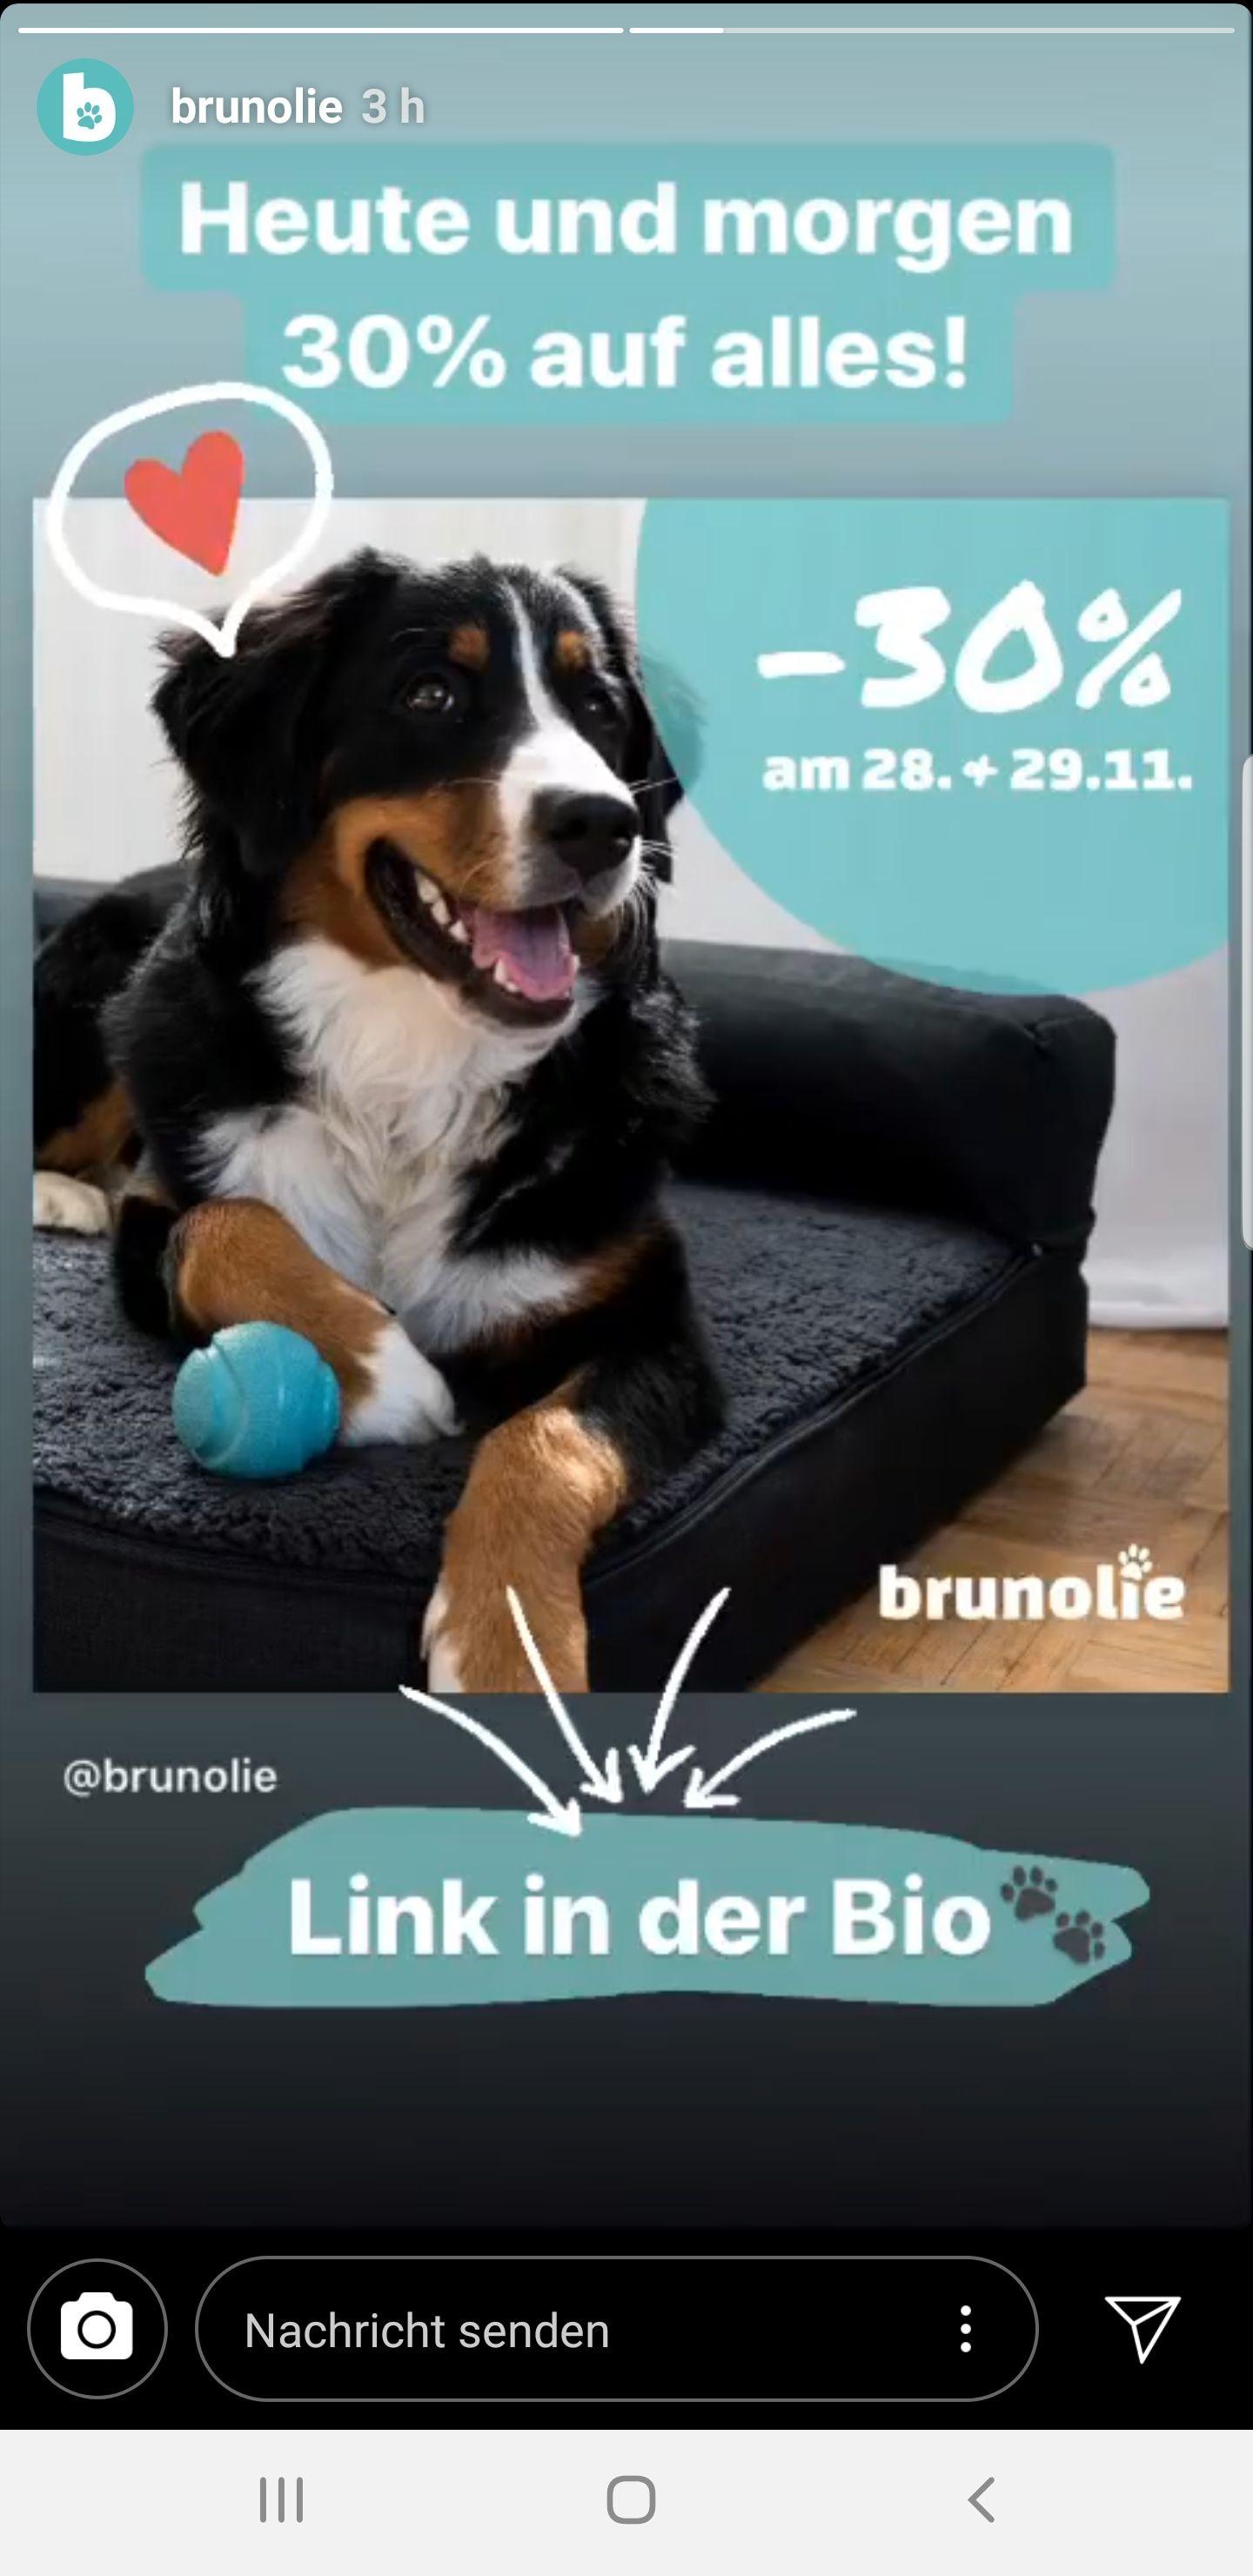 30% Rabatt auf alles (Hundebetten, Hundesofas)